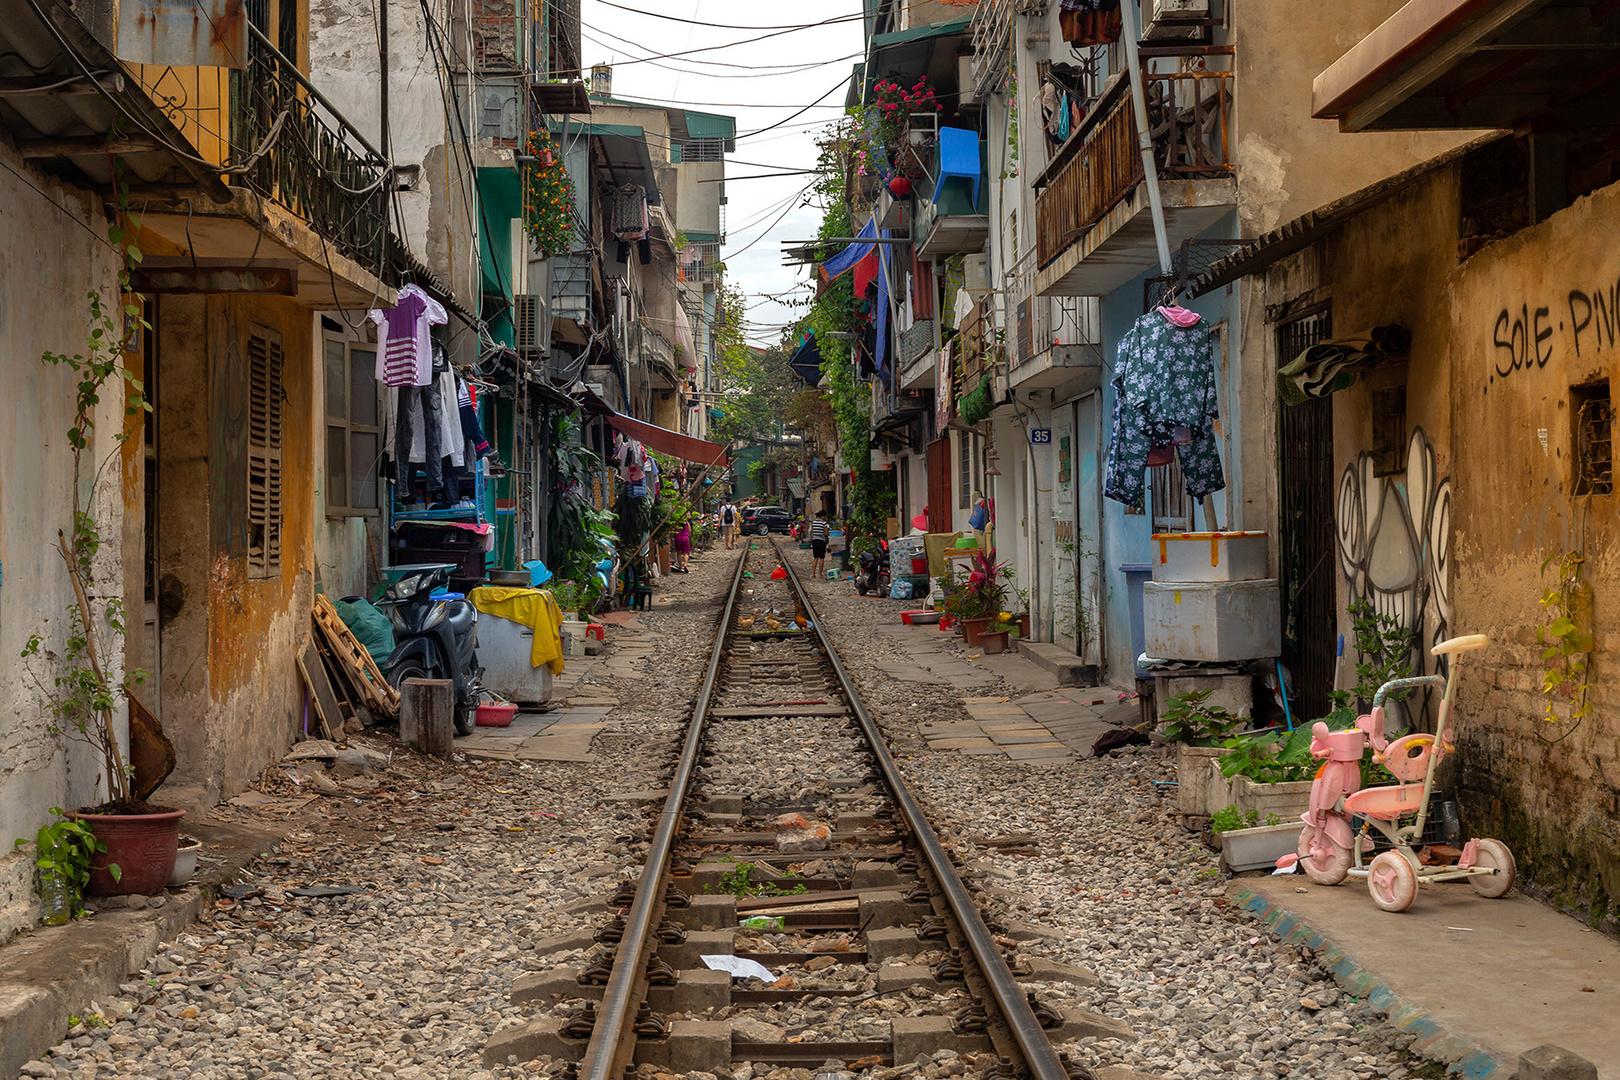 Leben und Wohnen am Bahngleis